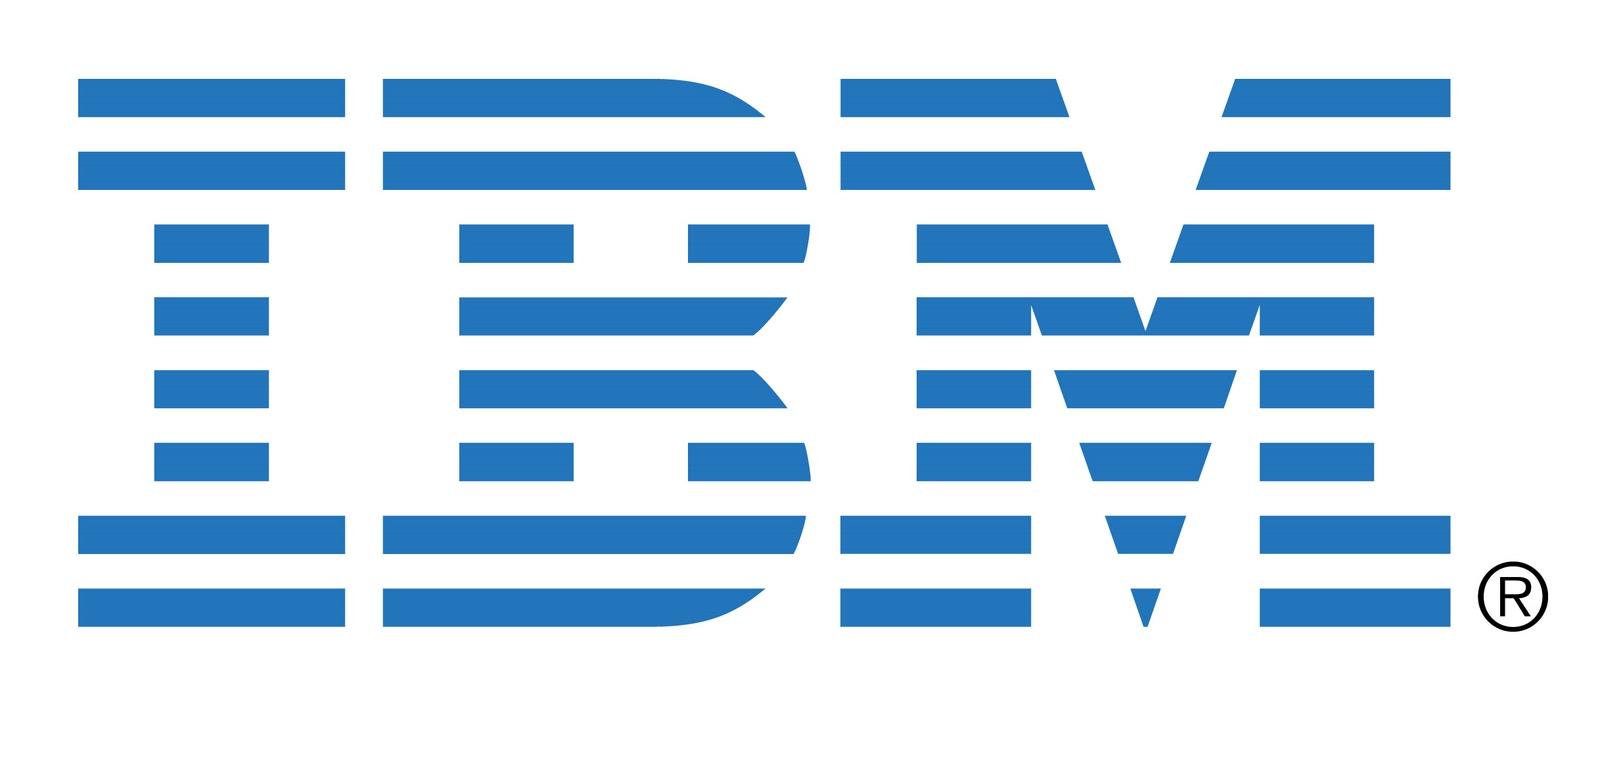 ibm 2 Продаю сервер цена 35трили ваша ibm x3755 сервер рековый 2 независимых блока питания везде.